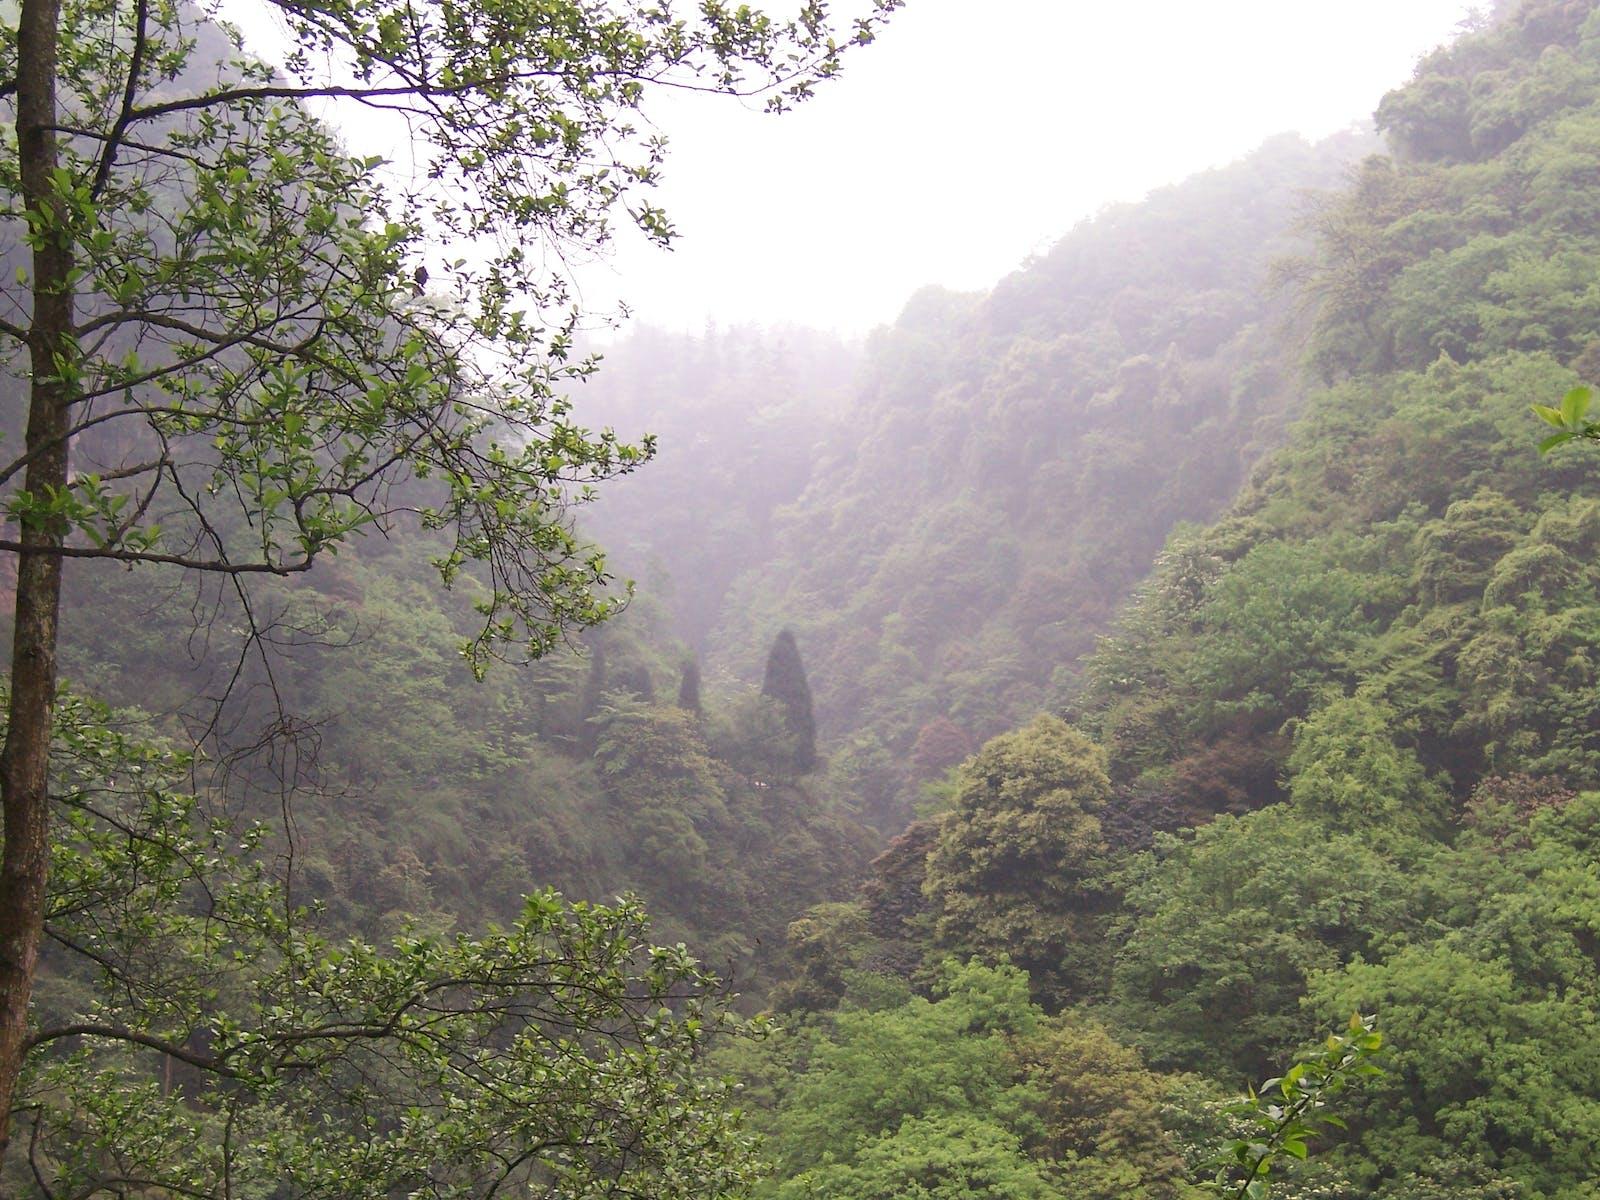 Sichuan Basin Evergreen Broadleaf Forests